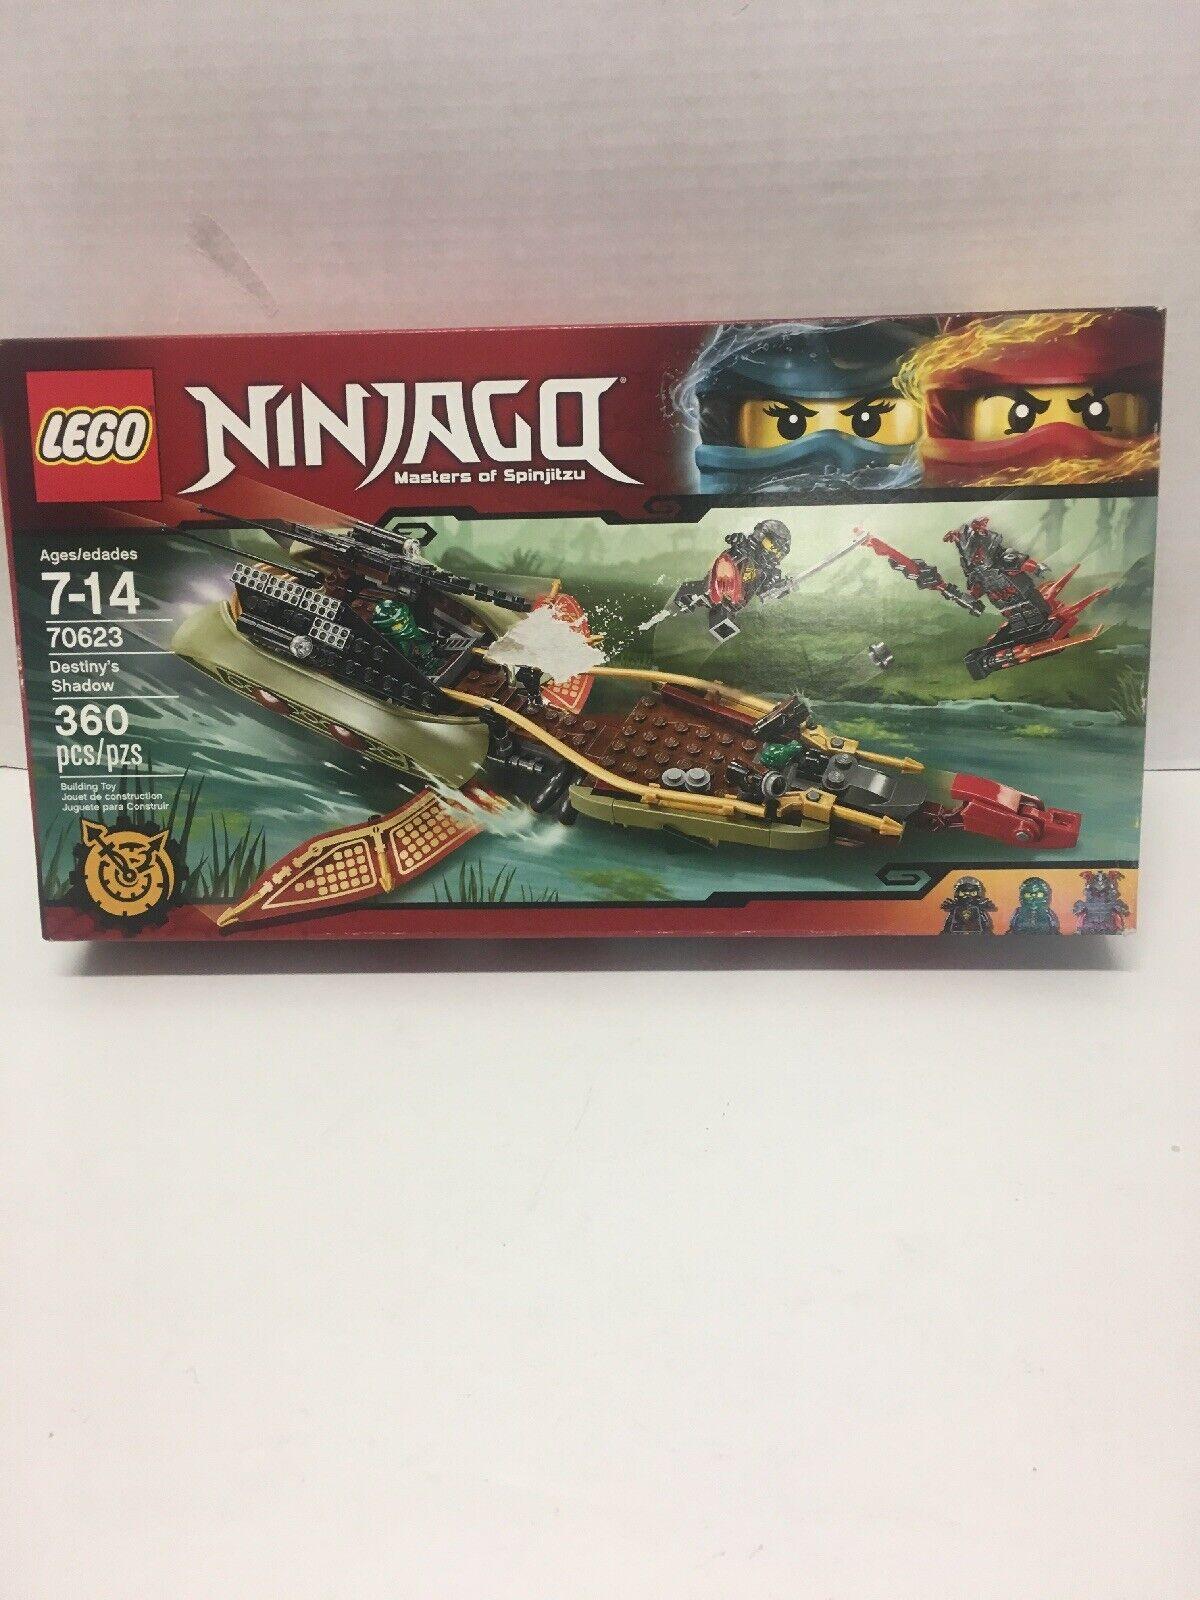 LEGO 70623 NINJAGO  DESTINY'S SHADOW   nuovo  GOOD CONDITION IN SEALED scatola